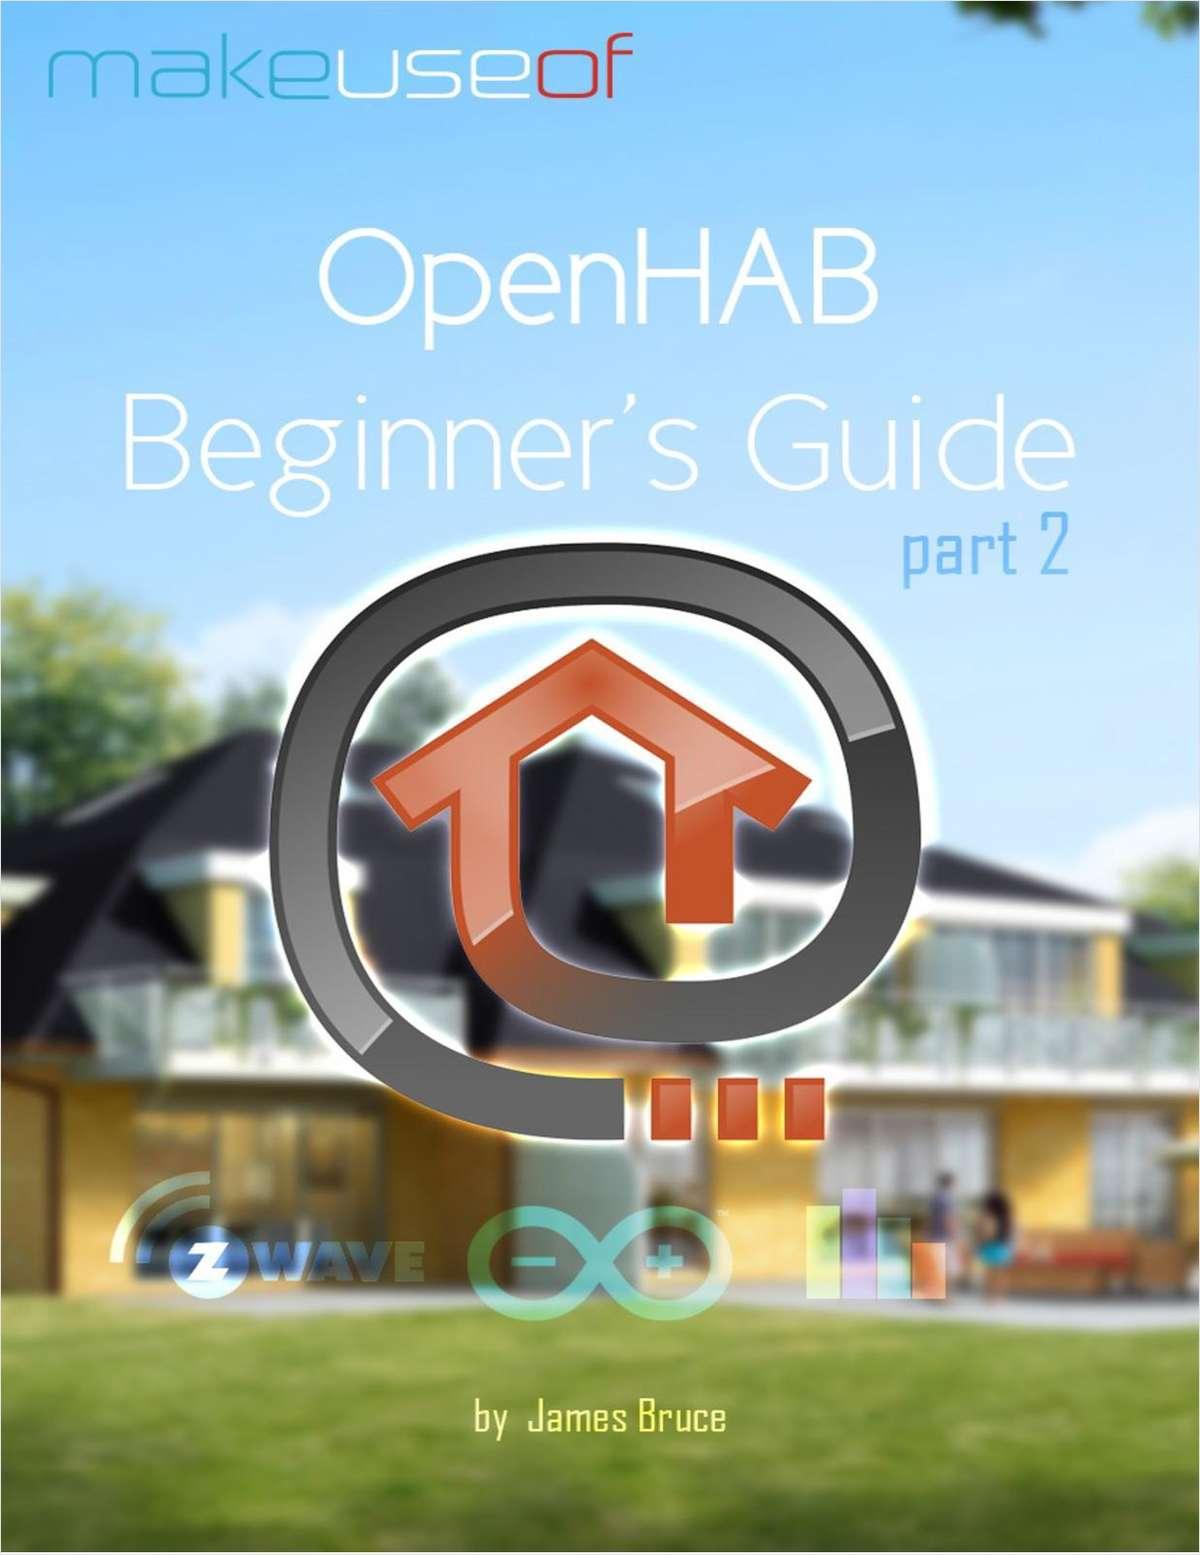 OpenHAB Beginner's Guide Part 2